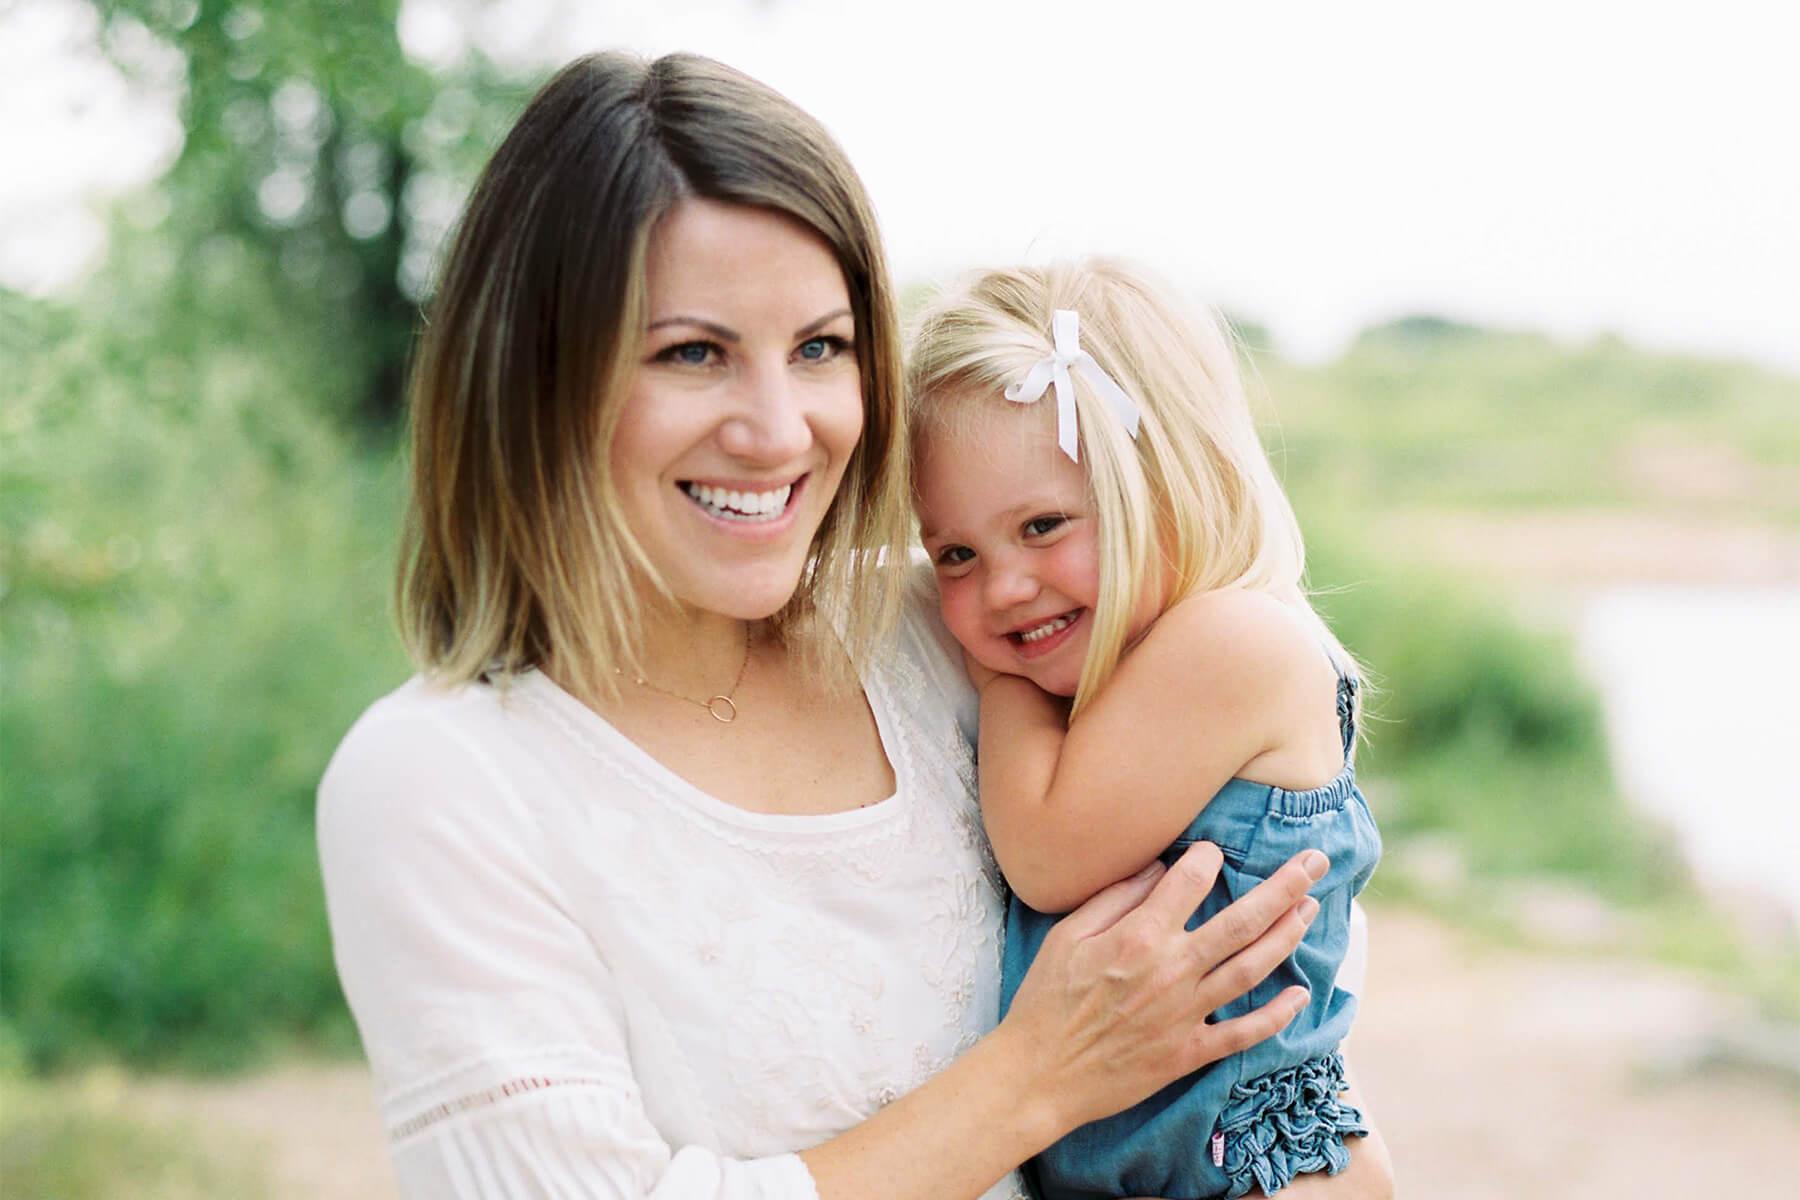 Rachel & Daughter